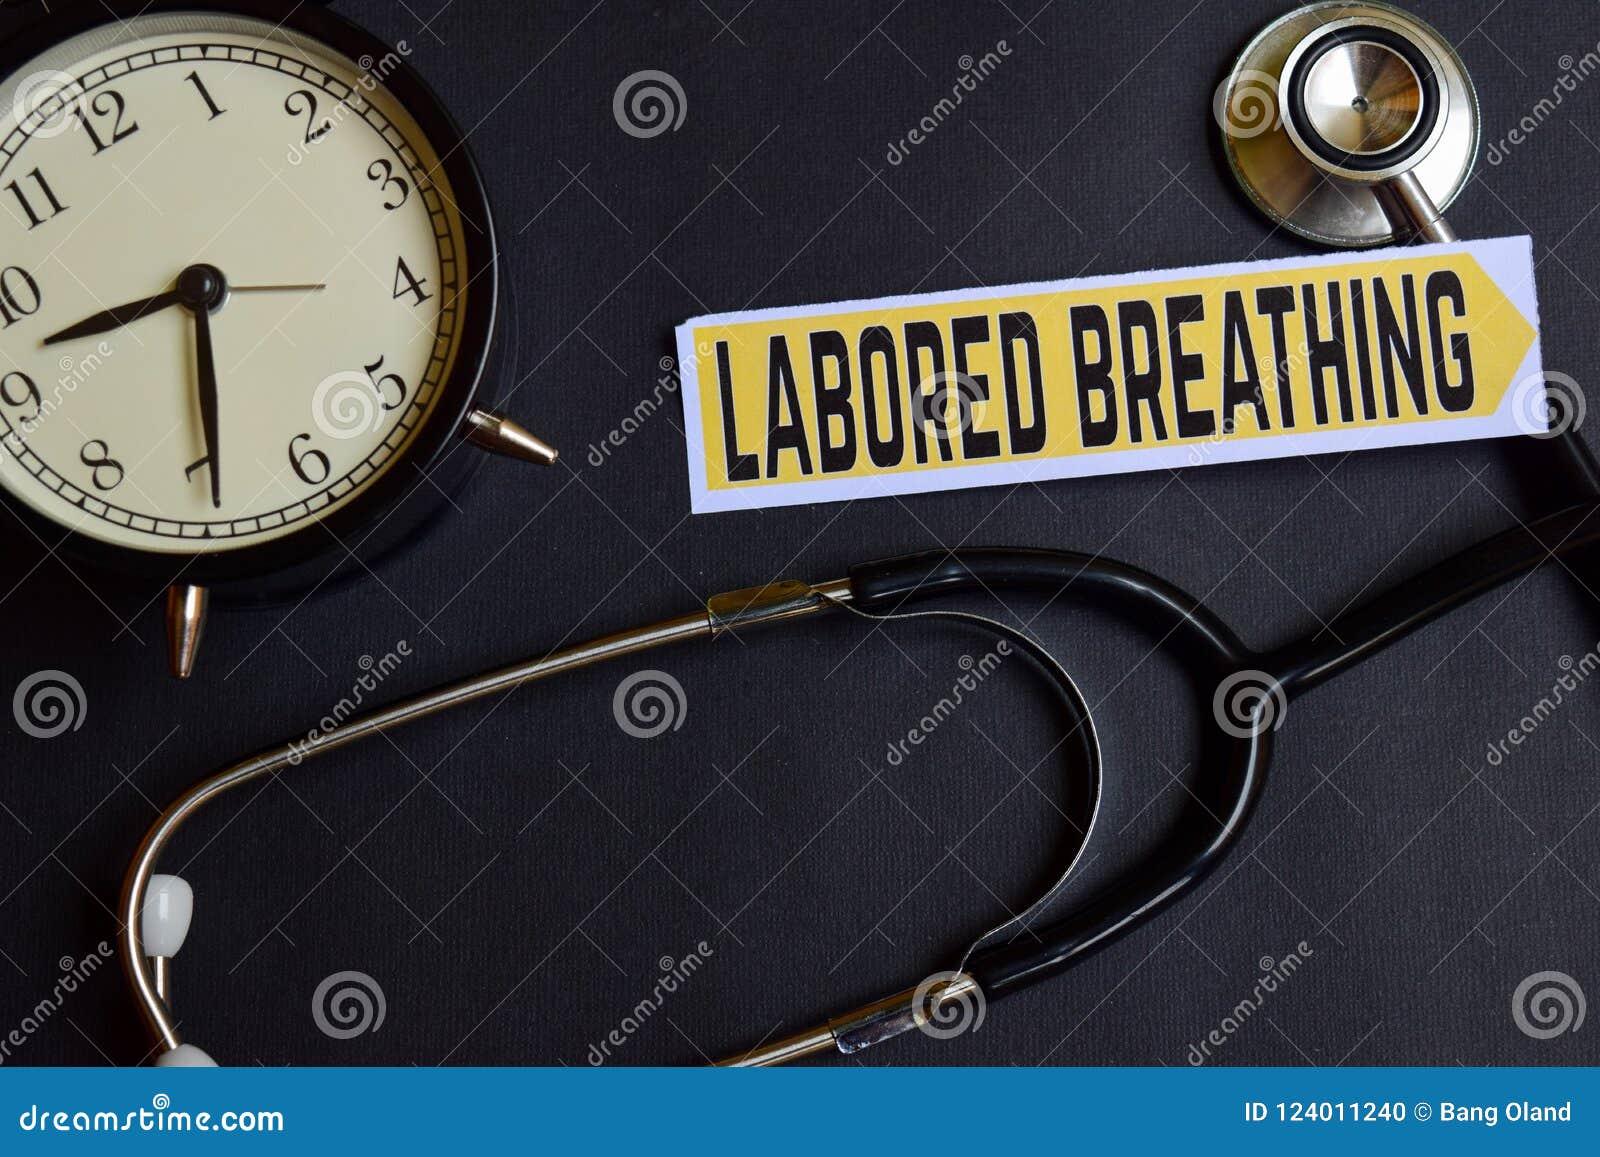 Εργασμένη αναπνοή σε χαρτί με την έμπνευση έννοιας υγειονομικής περίθαλψης ξυπνητήρι, μαύρο στηθοσκόπιο